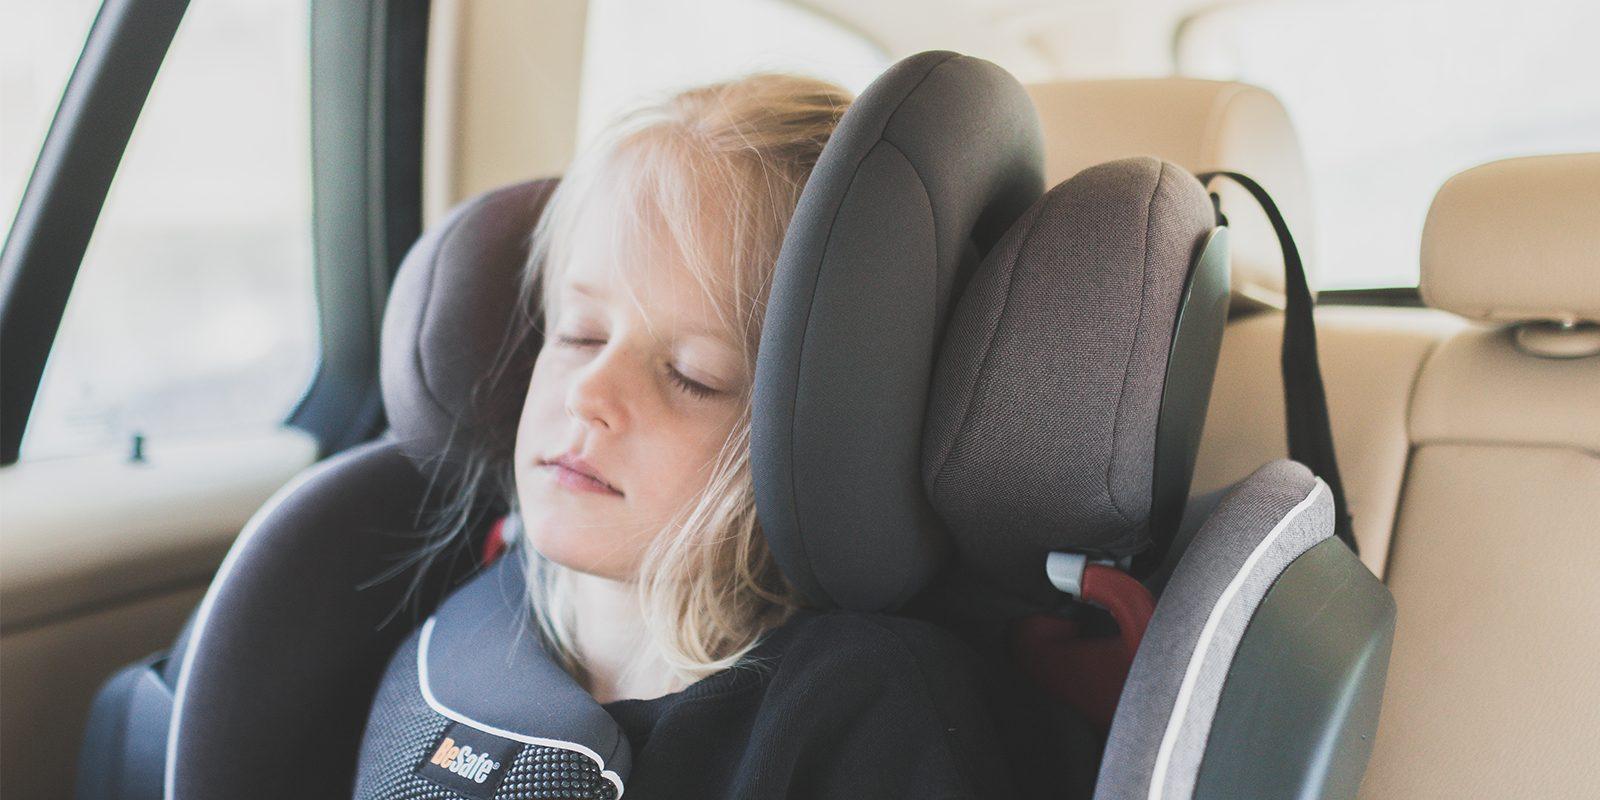 tips for en sikrere biltur